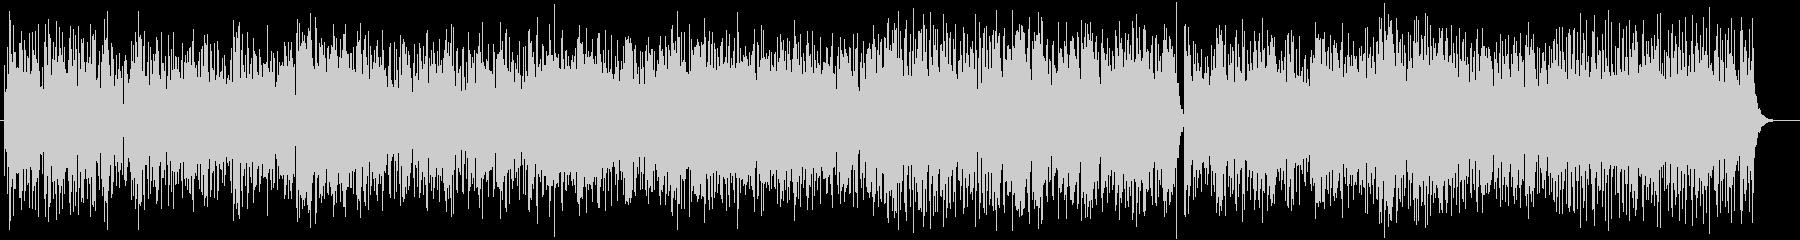 明るいトロピカルラテン系ピアノサウンドの未再生の波形